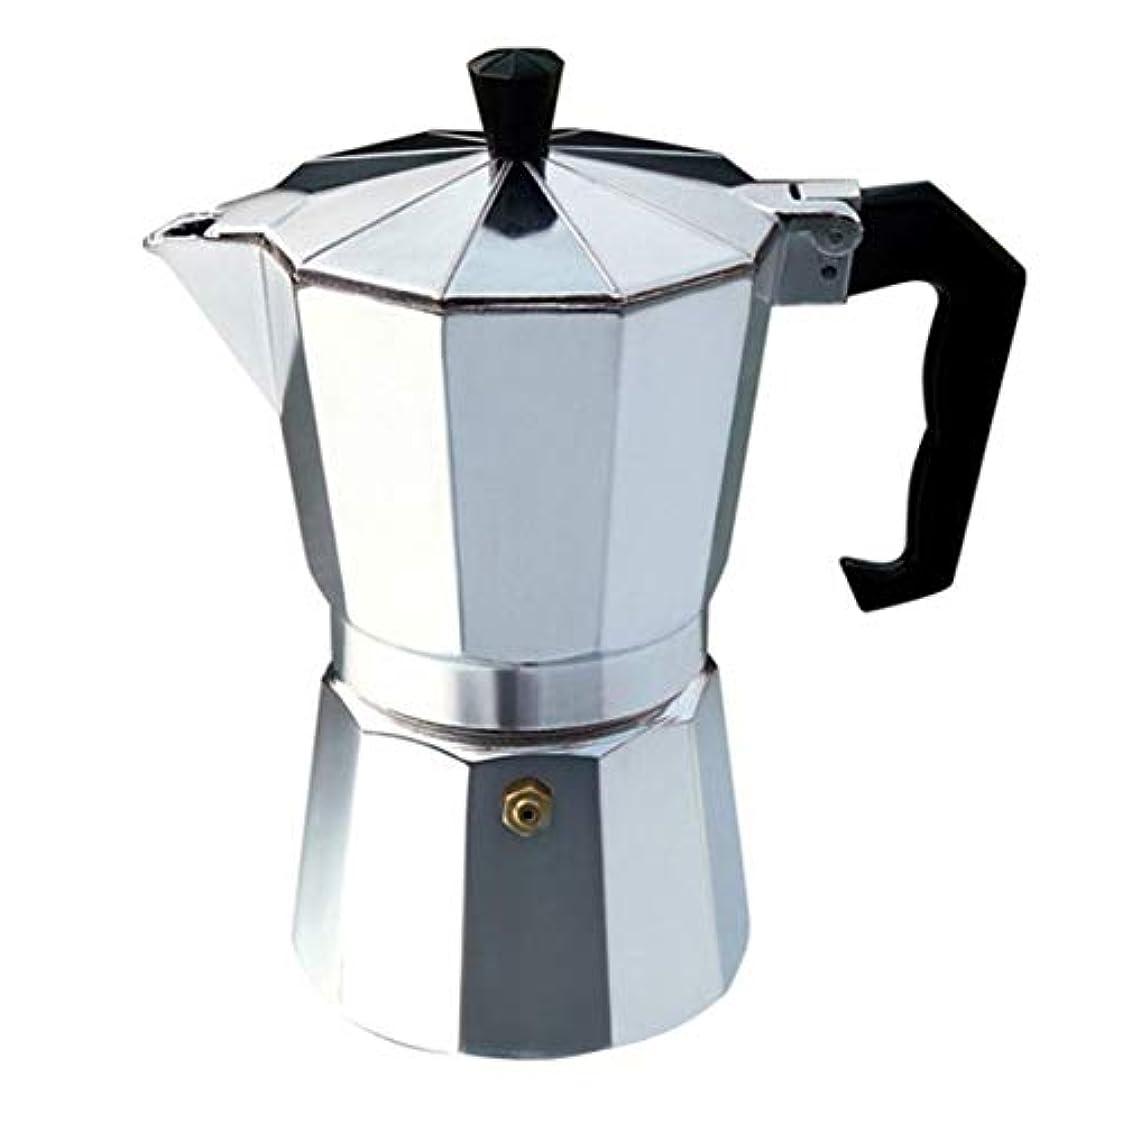 財布原子炉弁護人Saikogoods ナガXuefeiイタリアコーヒーブラックコーヒーモカコーヒー 実用的なギフト 簡単にクリーンアップするためにアルミ真岡鍋 Octangleコーヒーメーカー 銀 6カップ